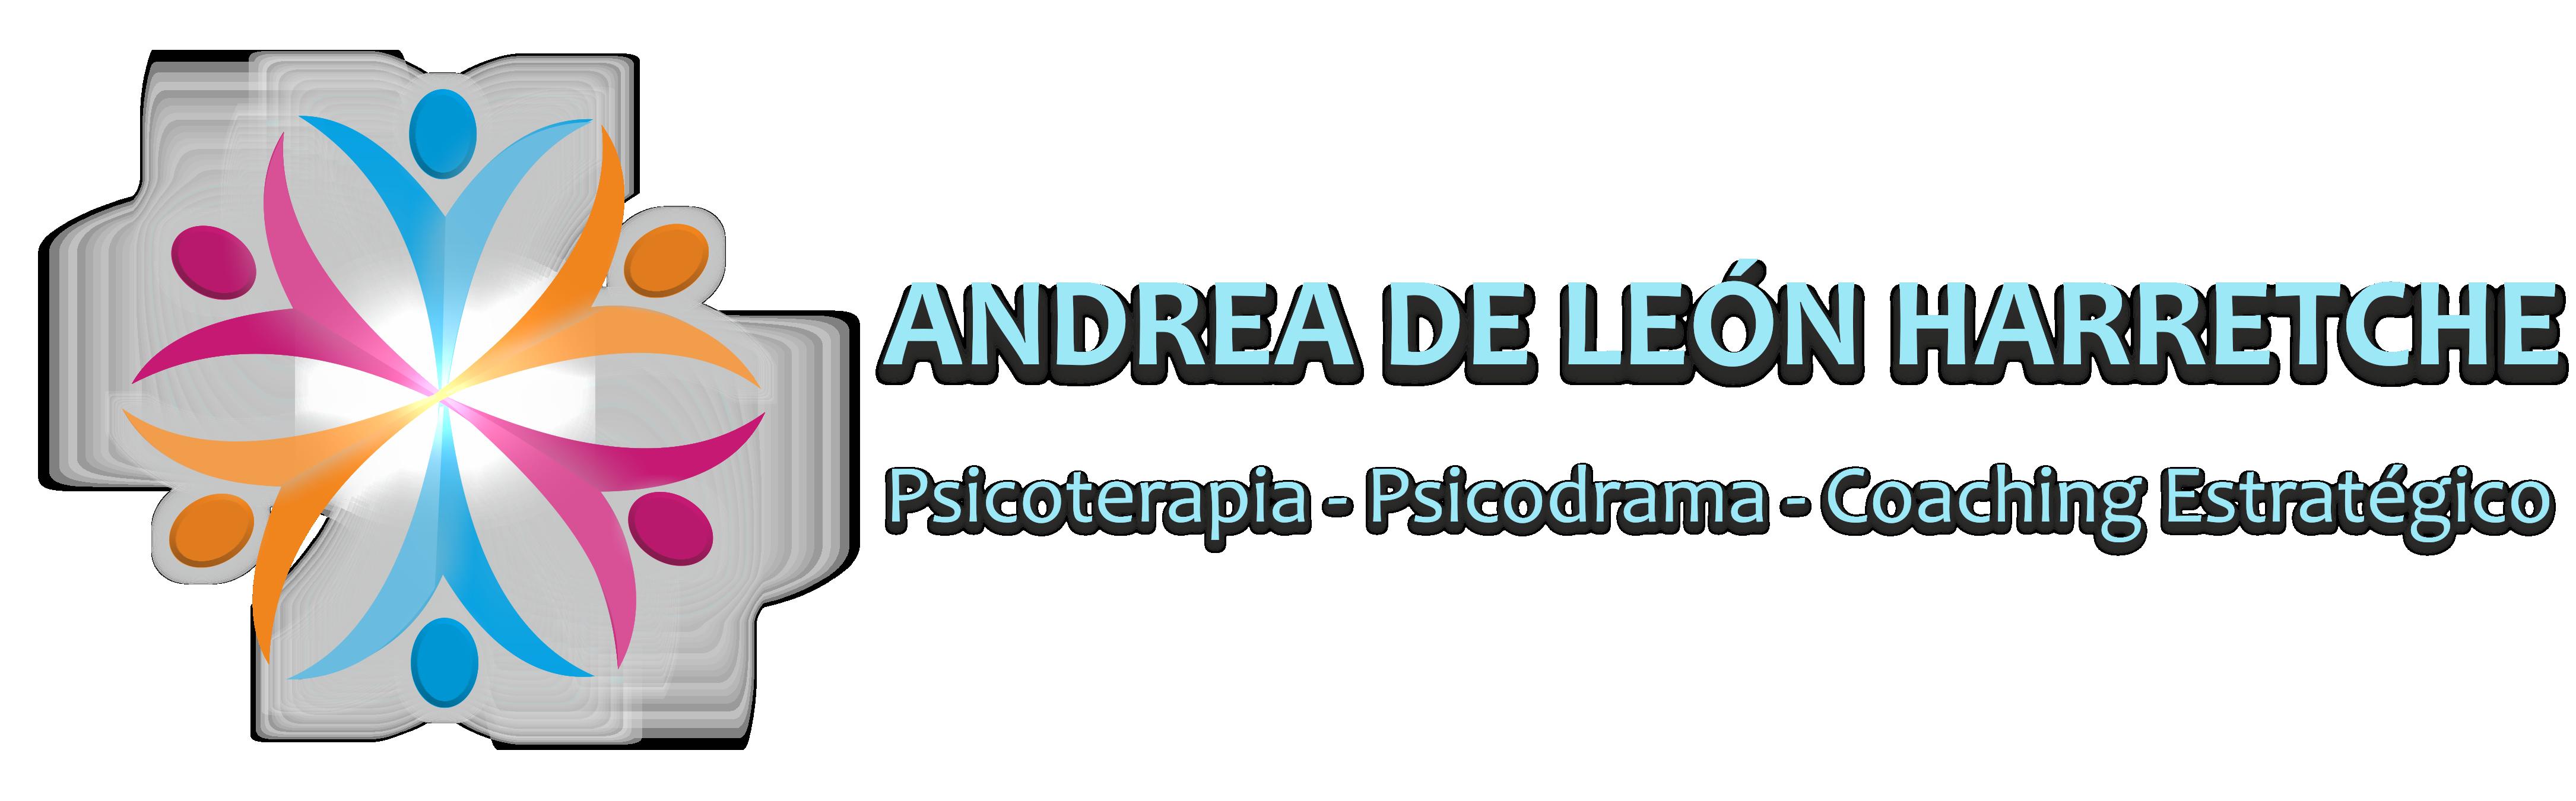 Andrea De Leon Harretche